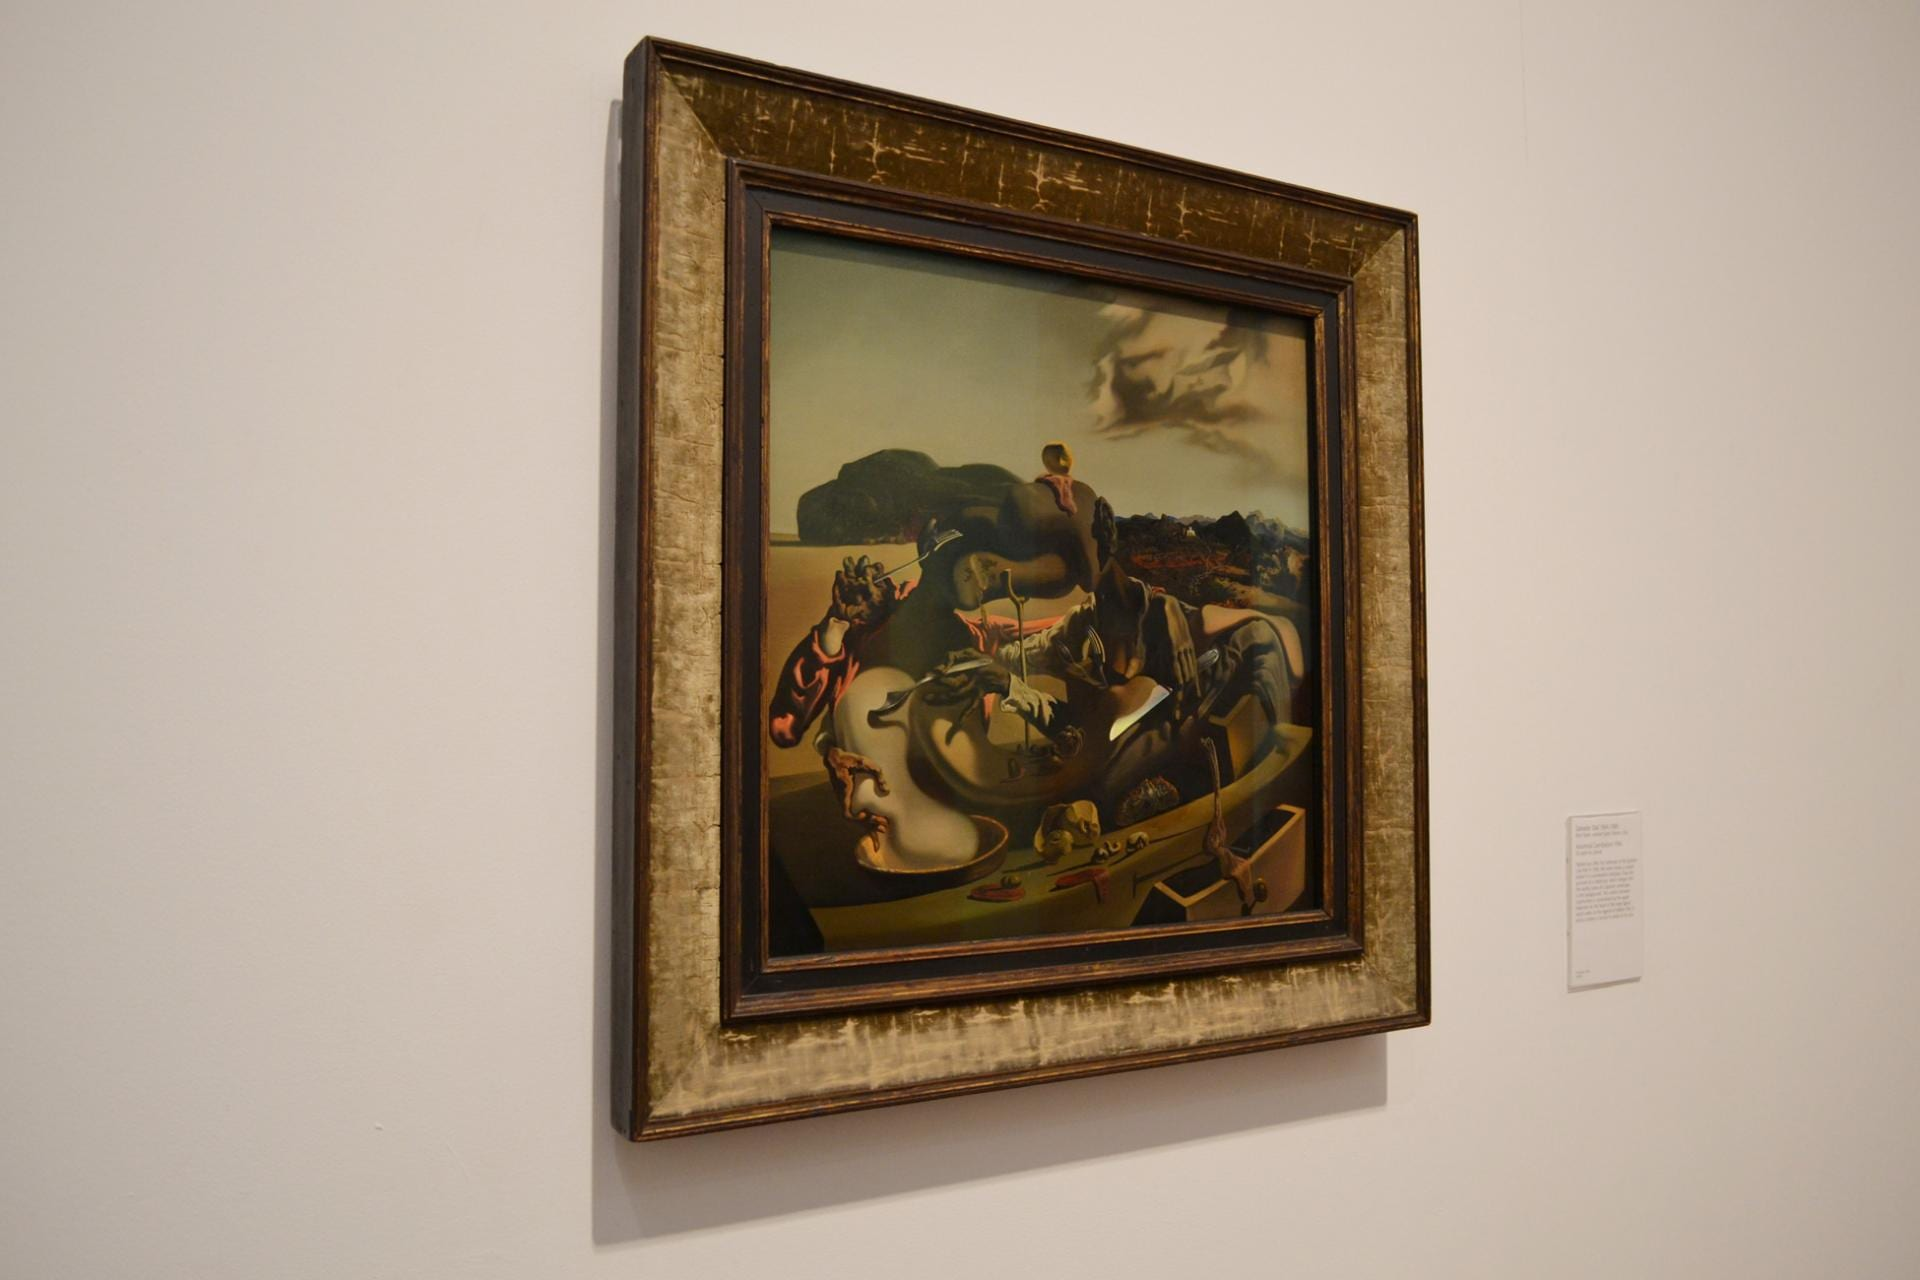 Tate Modern: Dalí